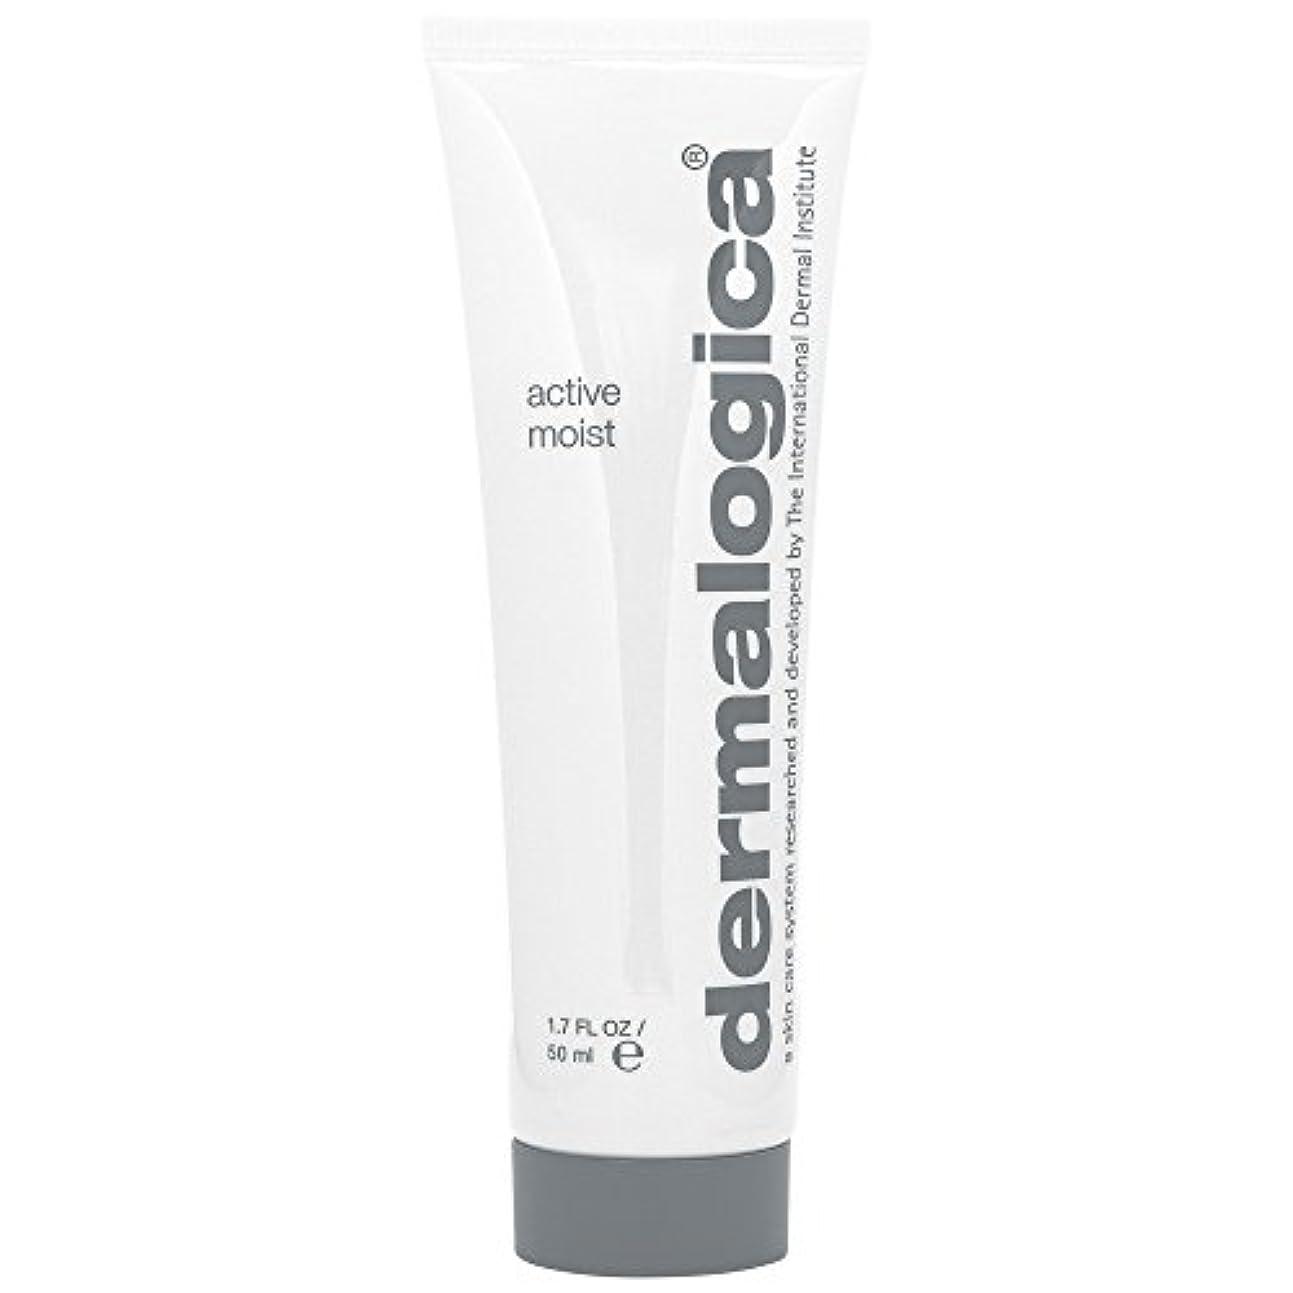 決定する溶かすイベントダーマロジカアクティブ湿った顔の保湿剤の50ミリリットル (Dermalogica) (x6) - Dermalogica Active Moist Facial Moisturiser 50ml (Pack of 6)...